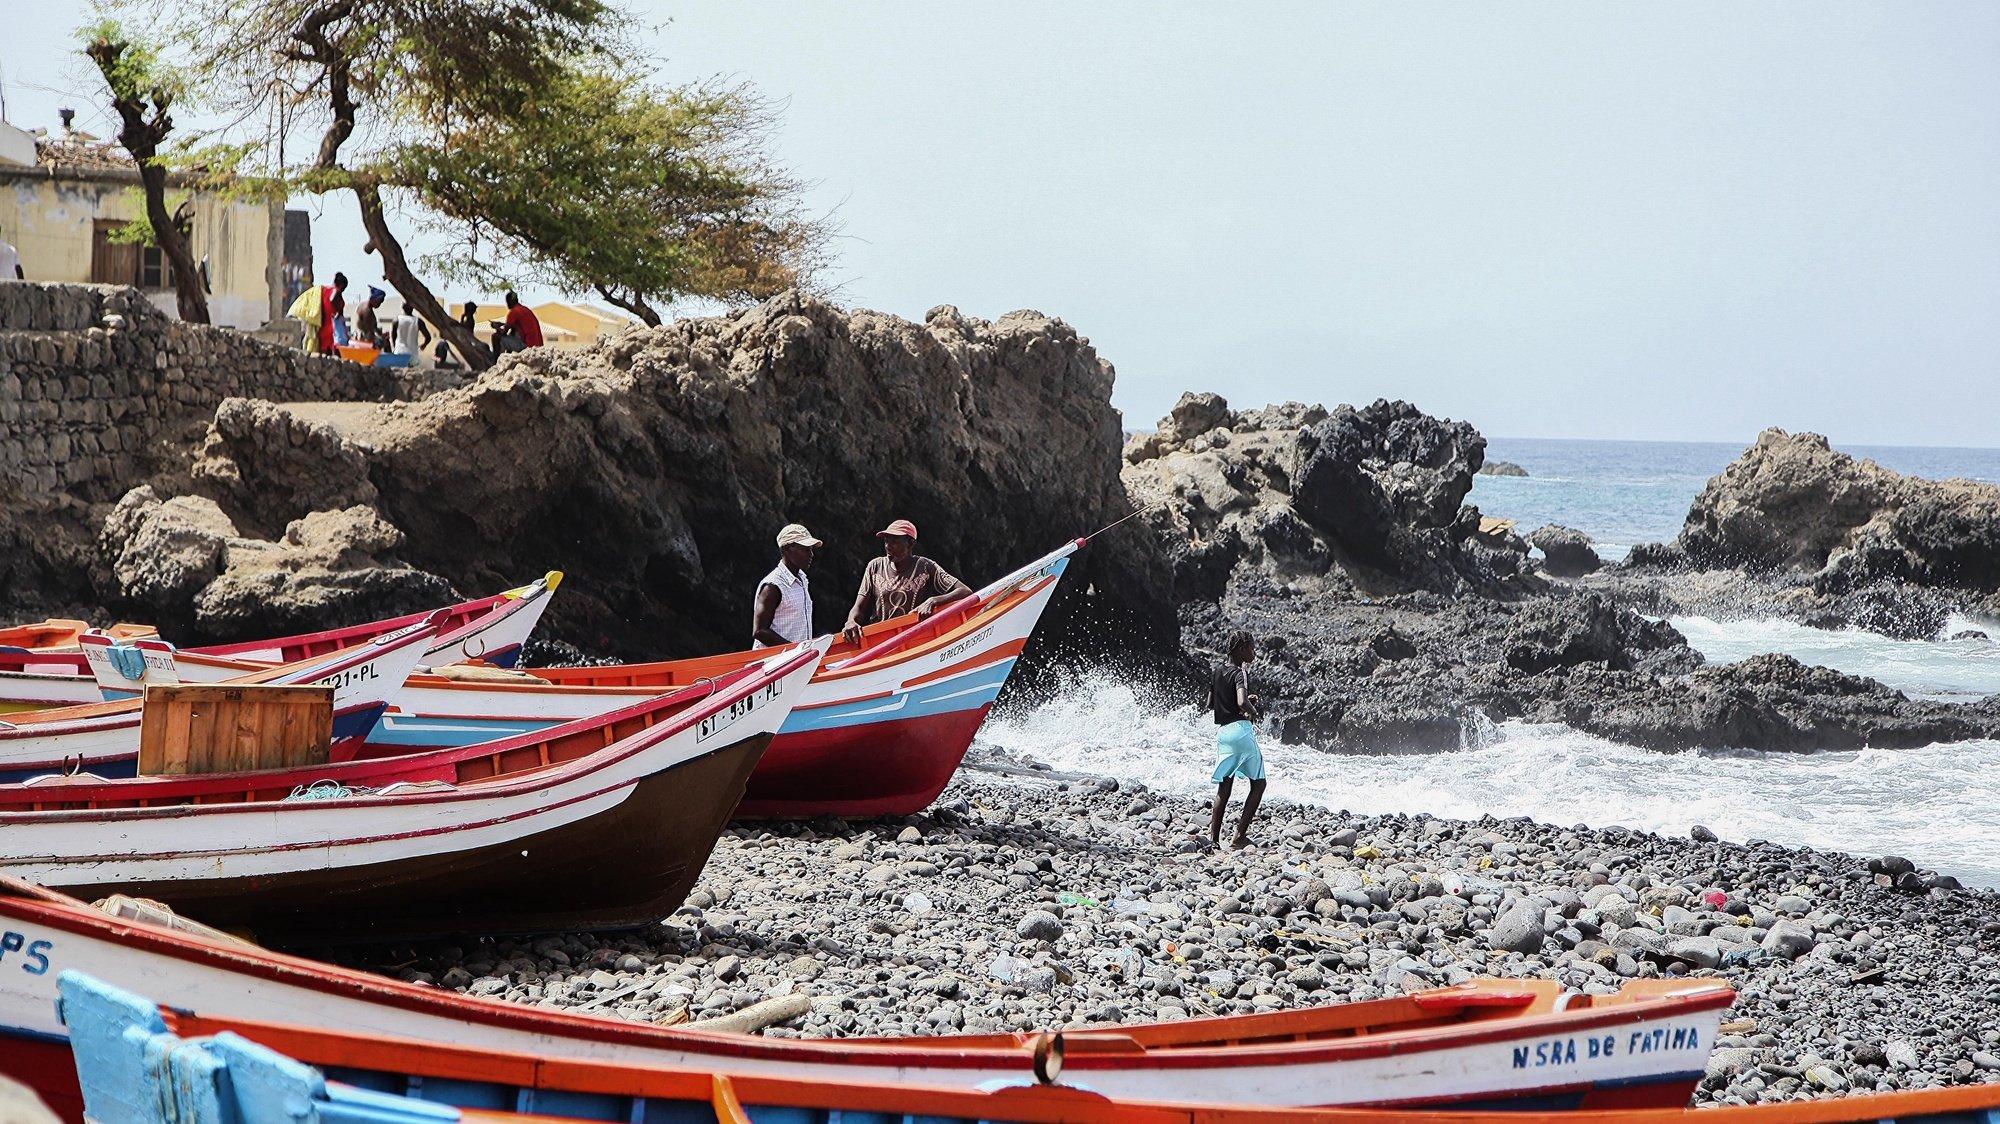 Pescadores conversam junto aos barcos na praia de Porto Mosquito, na ilha de Santiago, Cabo Verde, 15 de julho de 2020. Os pescadores da localidade de Porto Mosquito, no concelho da Ribeira Grande de Santiago, em Cabo Verde, lutam contra a pandemia do novo coronavírus e querem voltar a ter peixes em abundância nas suas redes. (ACOMPANHA TEXTO DA LUSA DO DIA 19 DE JULHO DE 2020). FERNANDO DE PINA/LUSA